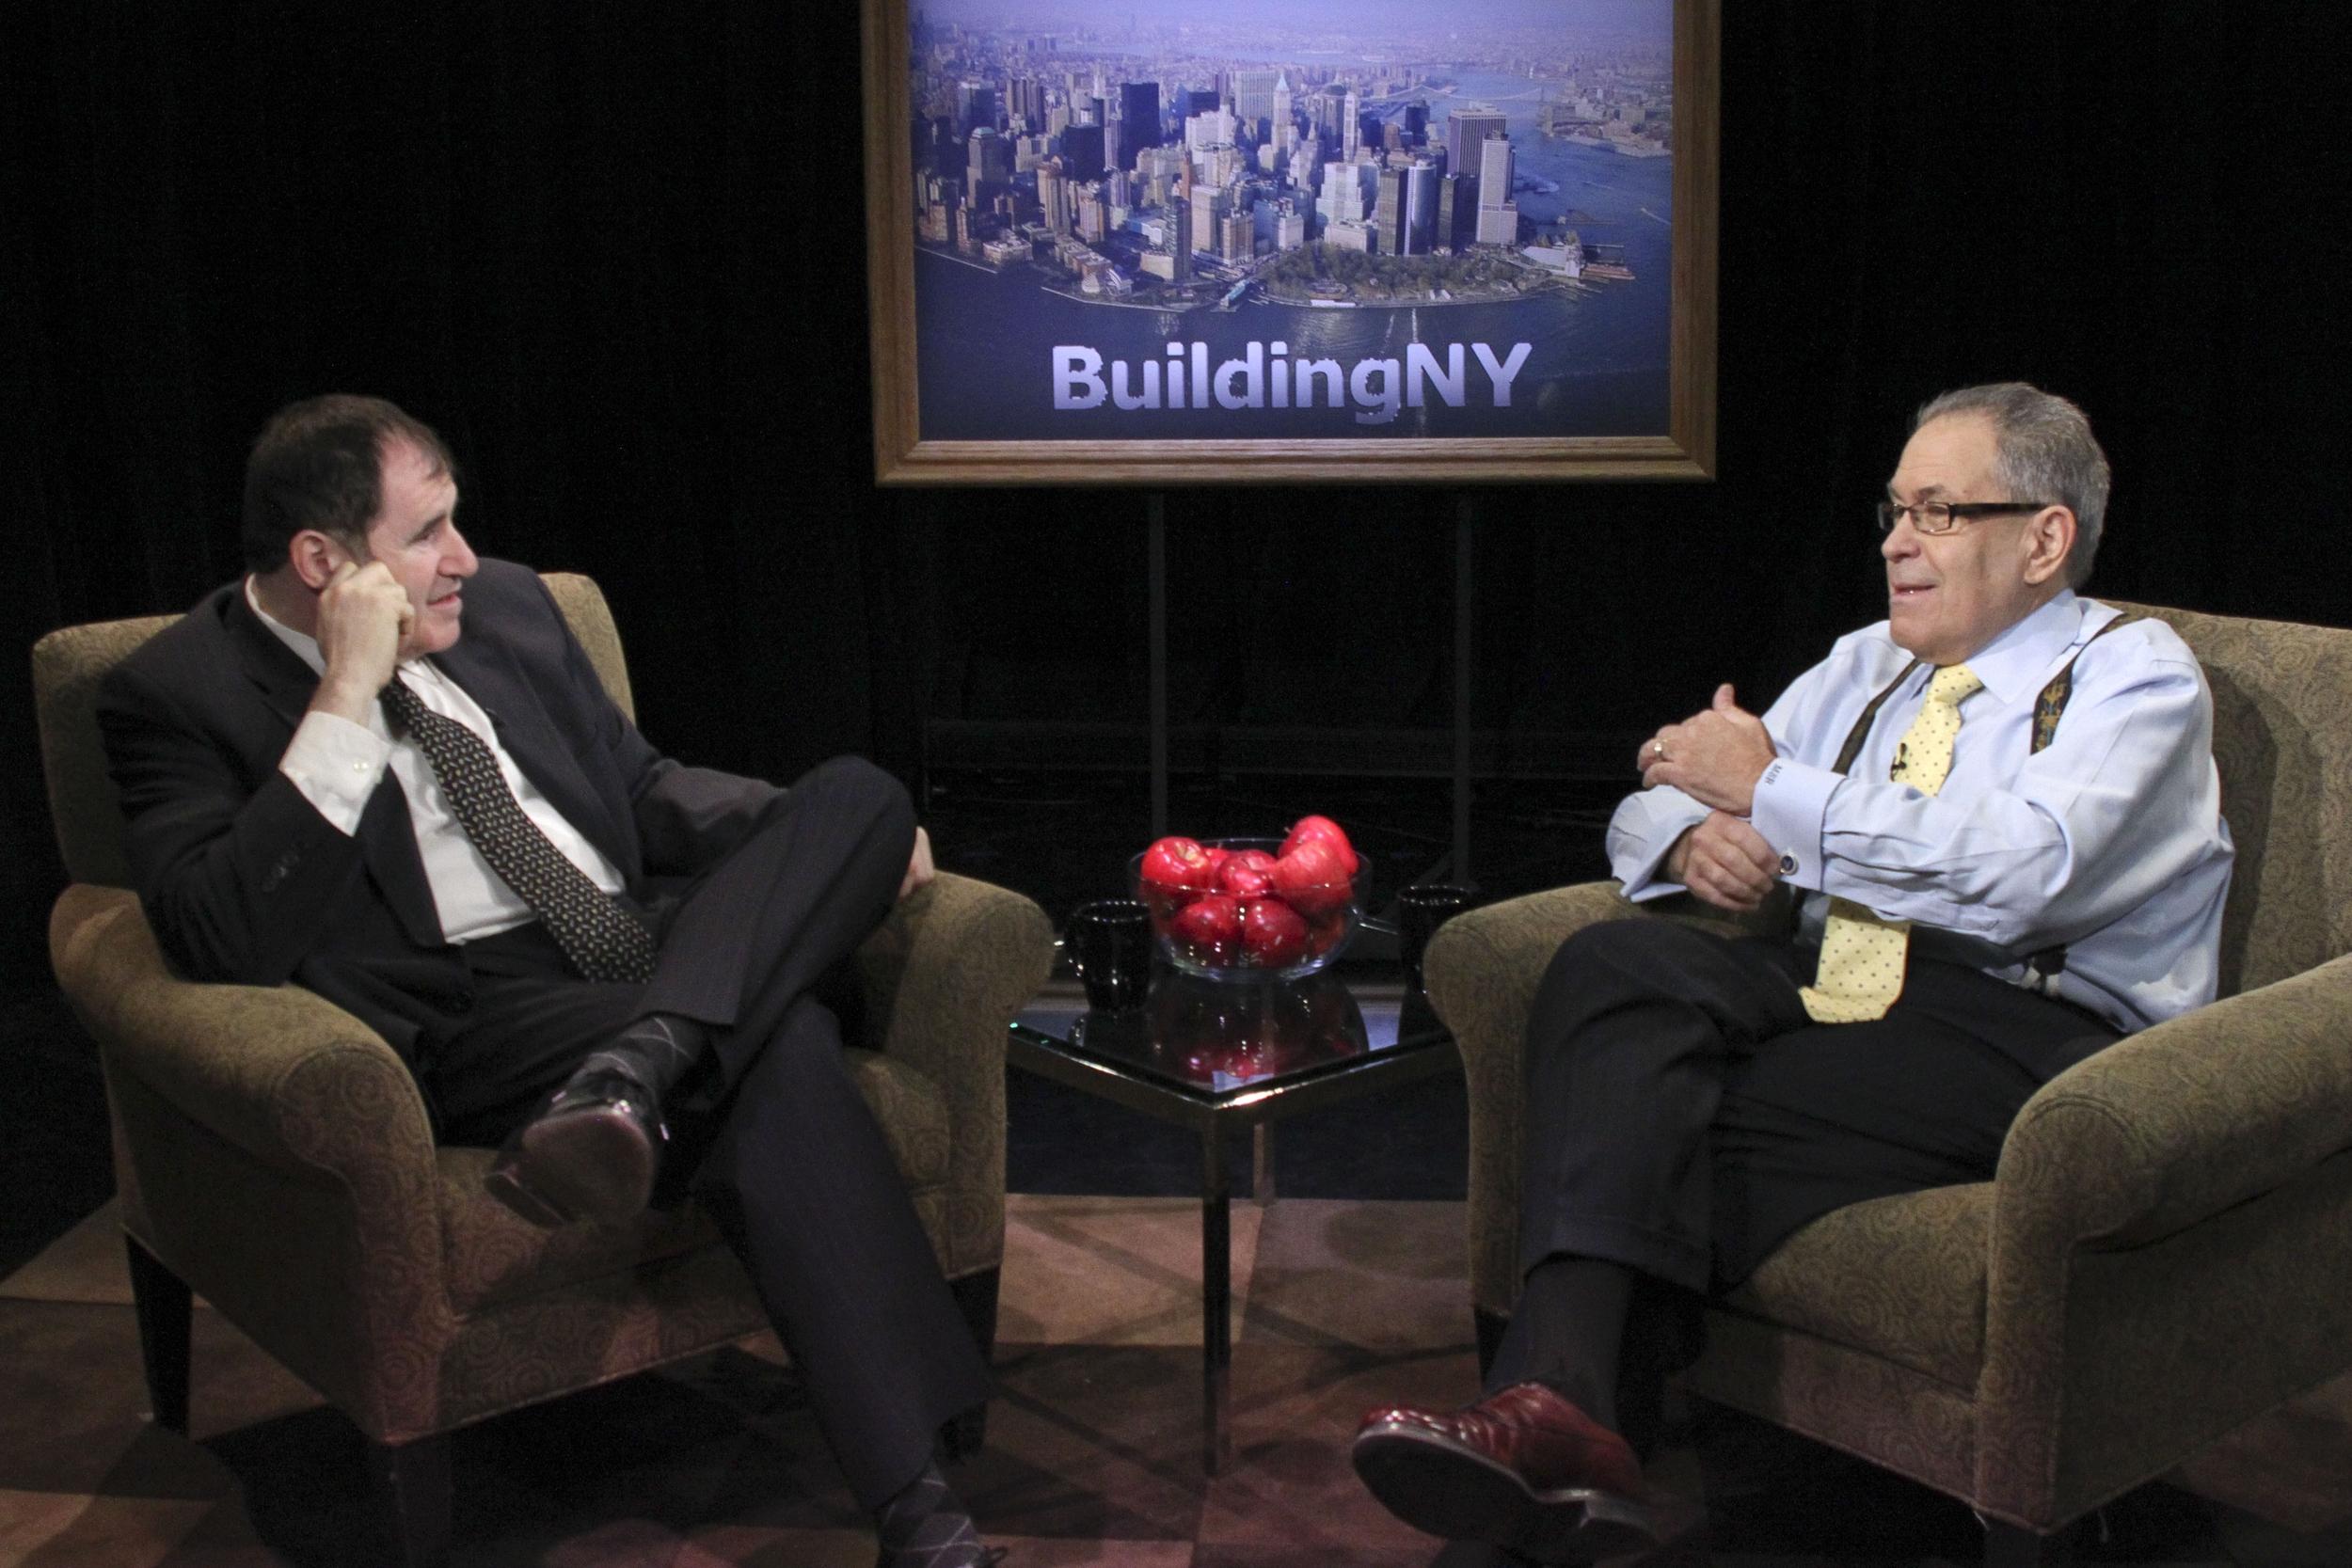 Richard Kind & Mike Stoler